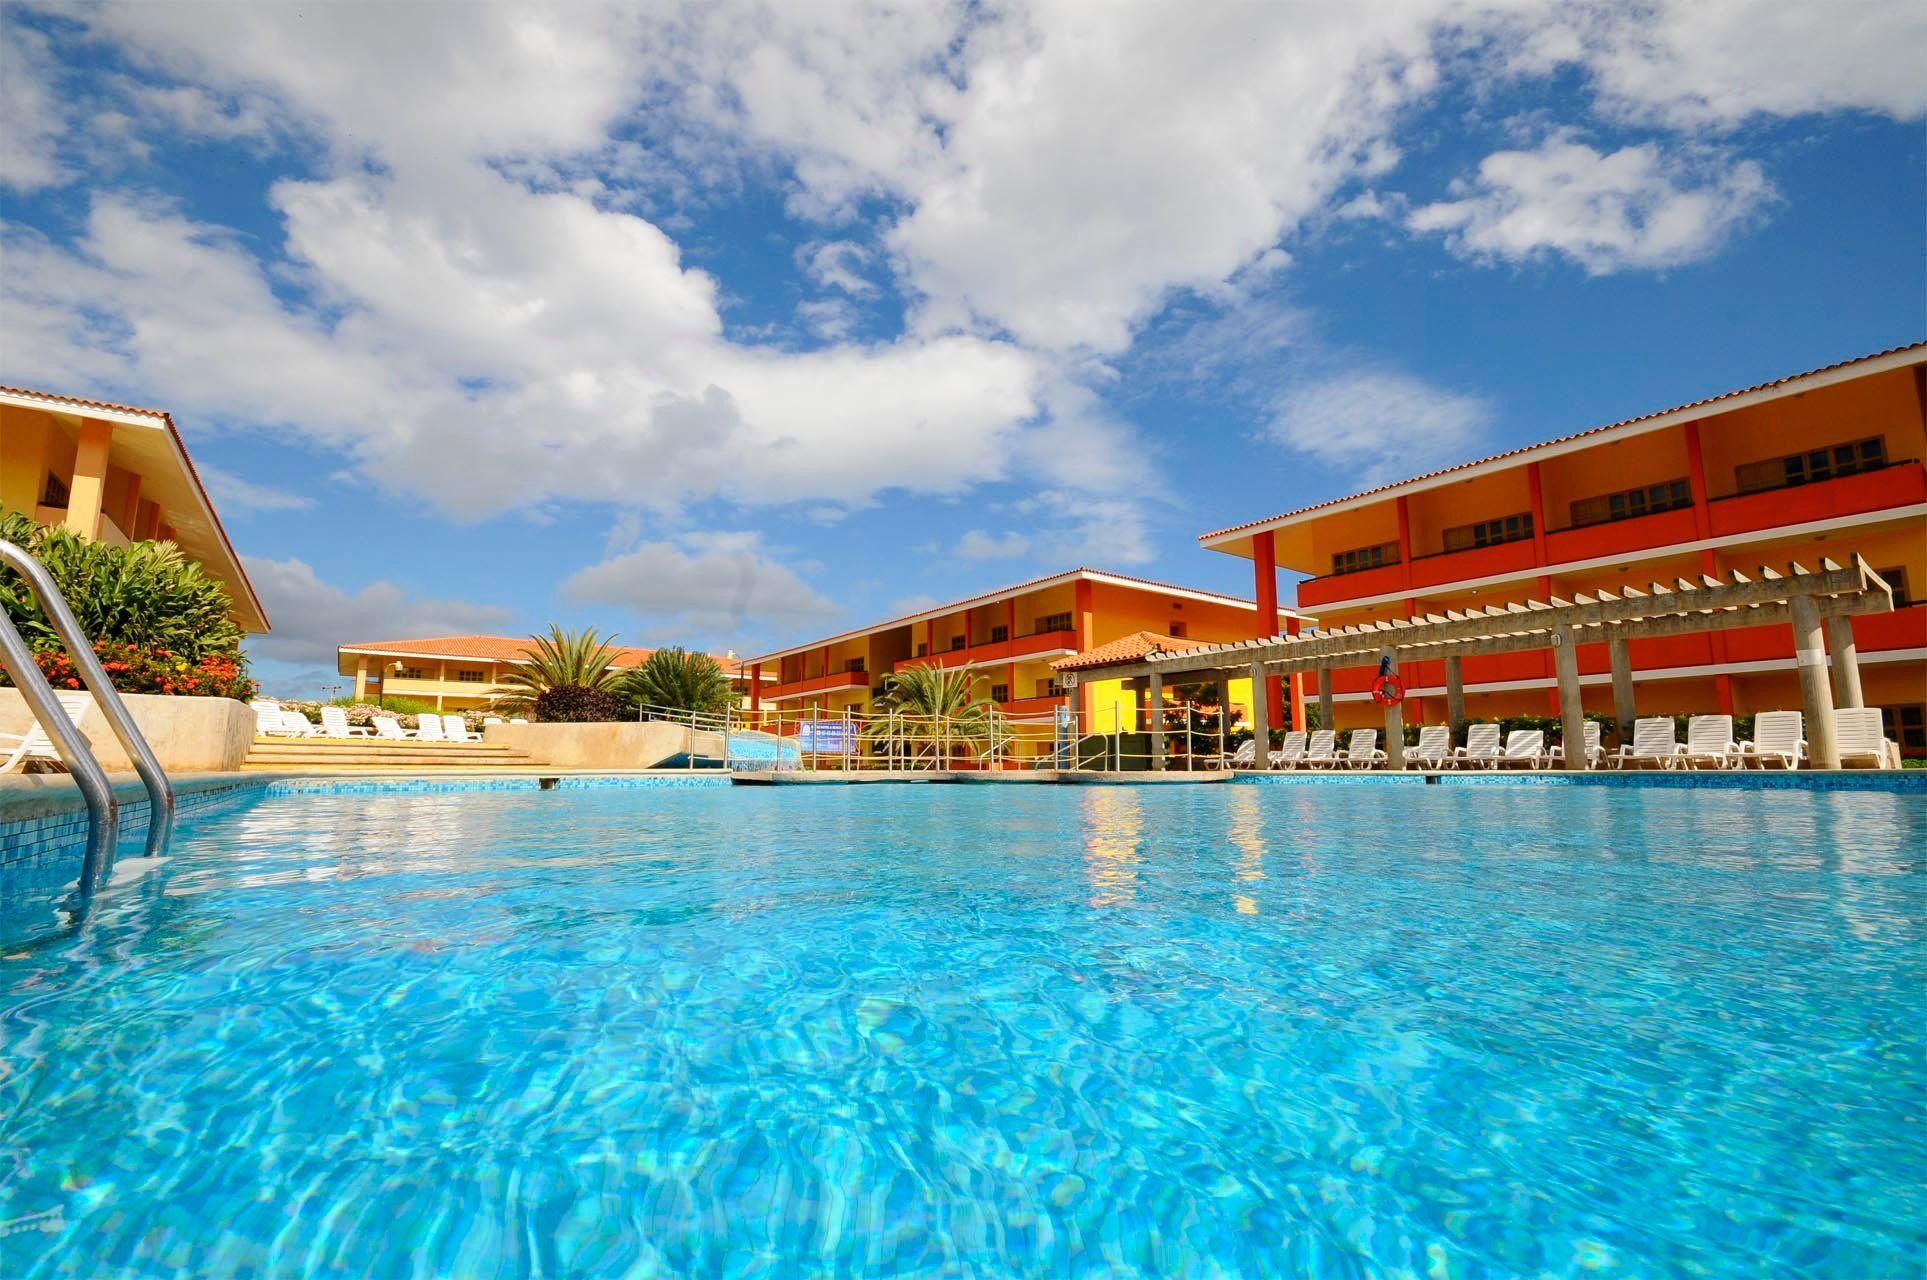 Sunsol Ecoland Beach Resort Pedro González Venezuela Opiniones Y Comparación De Precios Resort Todo Incluido Trip Hoteles Hotel Centro De Negocios